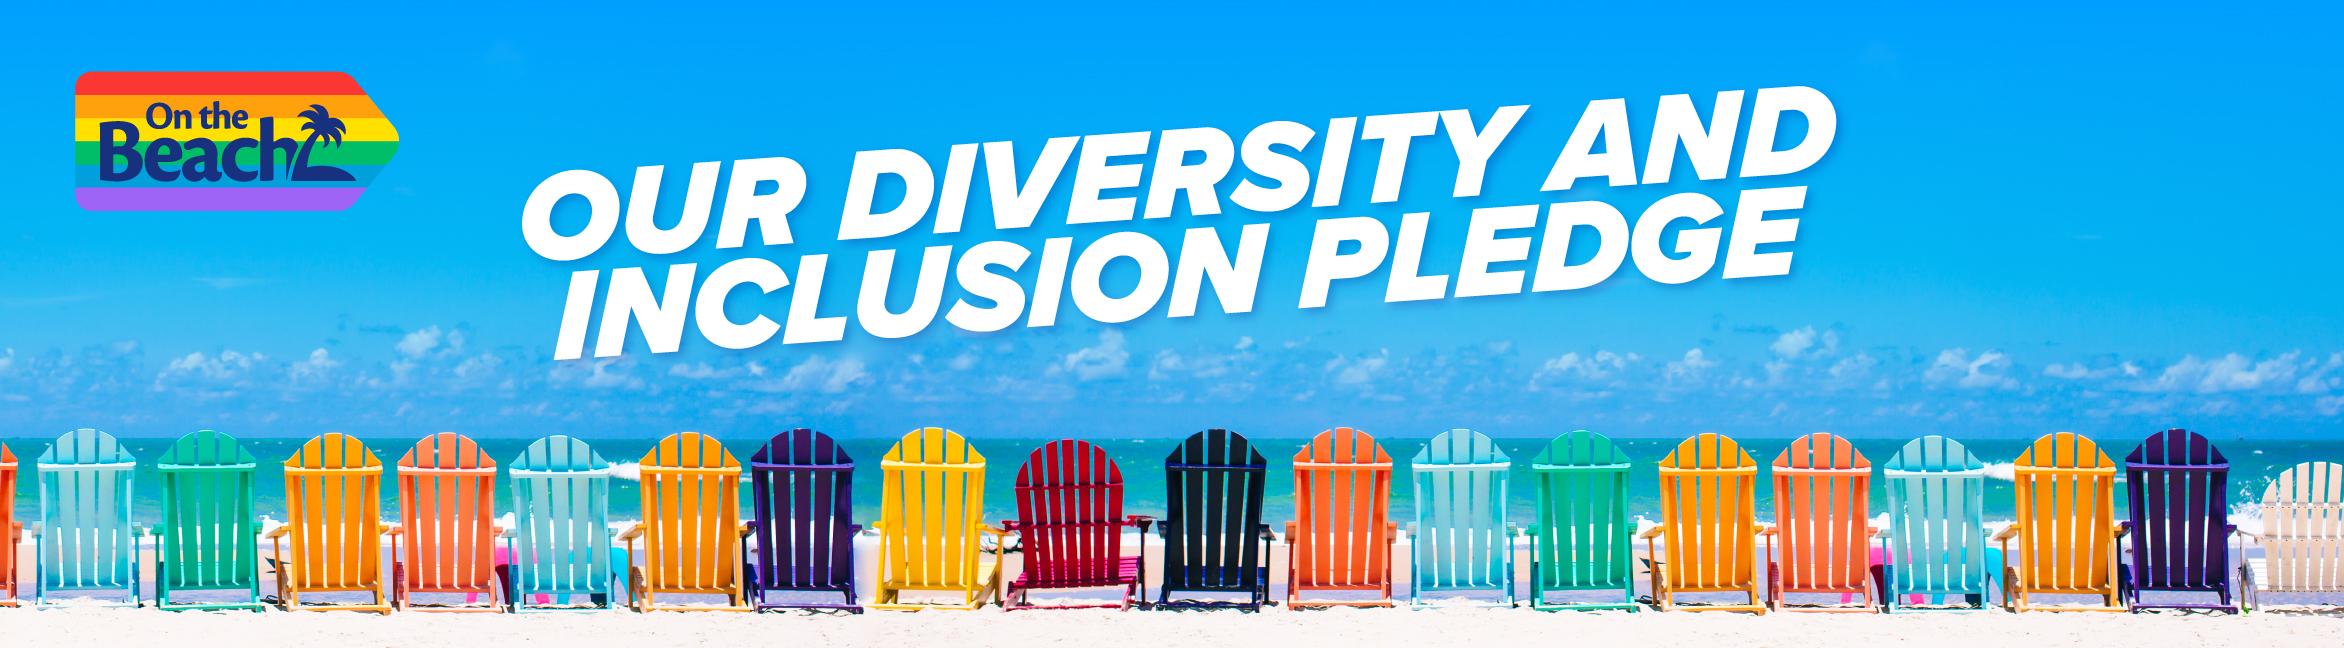 Our Diversity & Inclusion Pledge